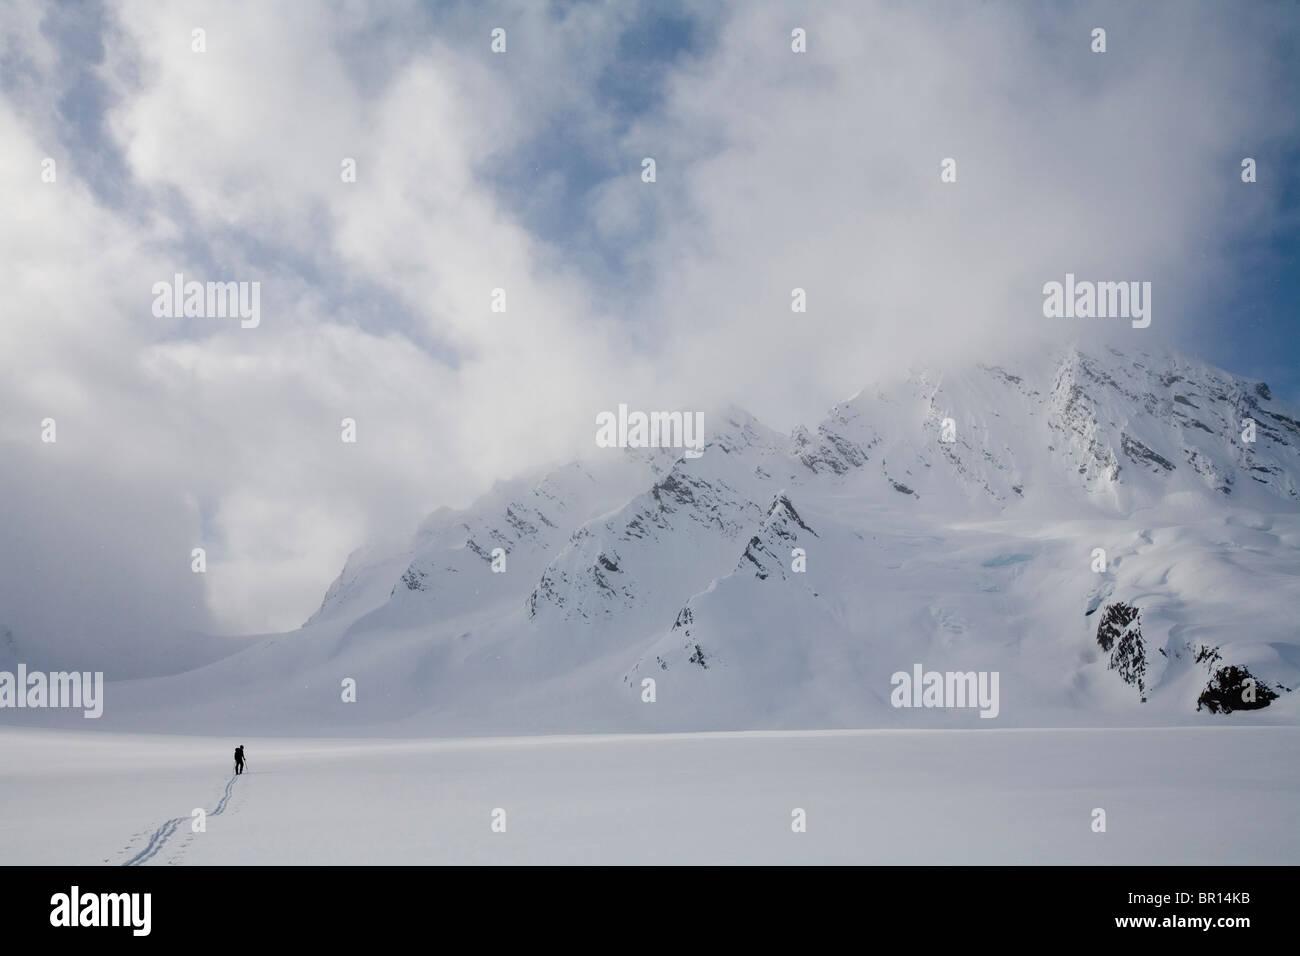 Backcountry rider attraversa il Glacier in tarda giornata cielo tempestoso. Foto Stock